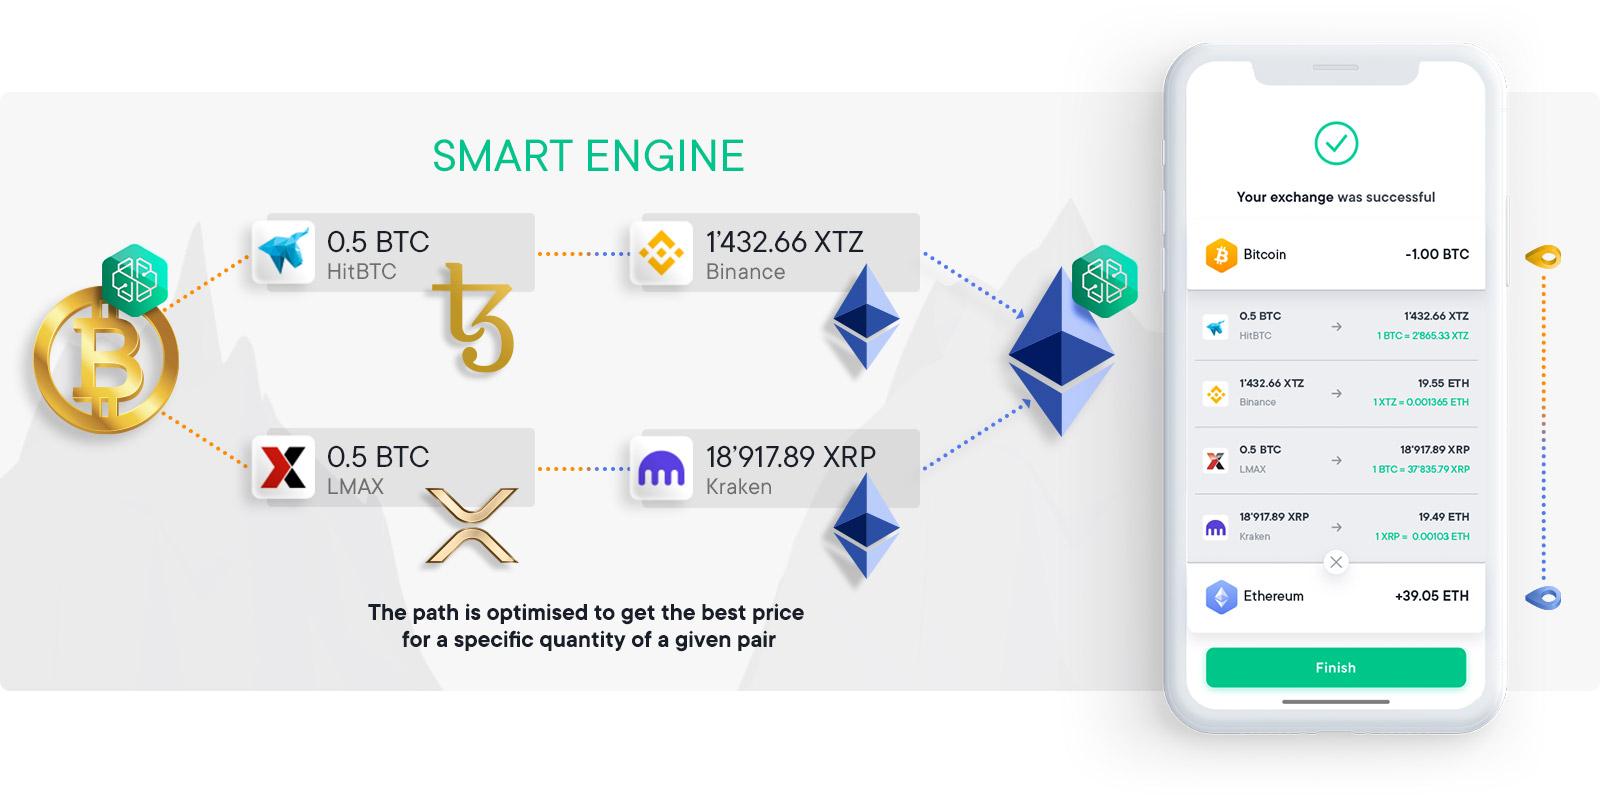 Présentation schématique du smart engine qui permet d'optimiser vos transactions crypto sur Swissborg.